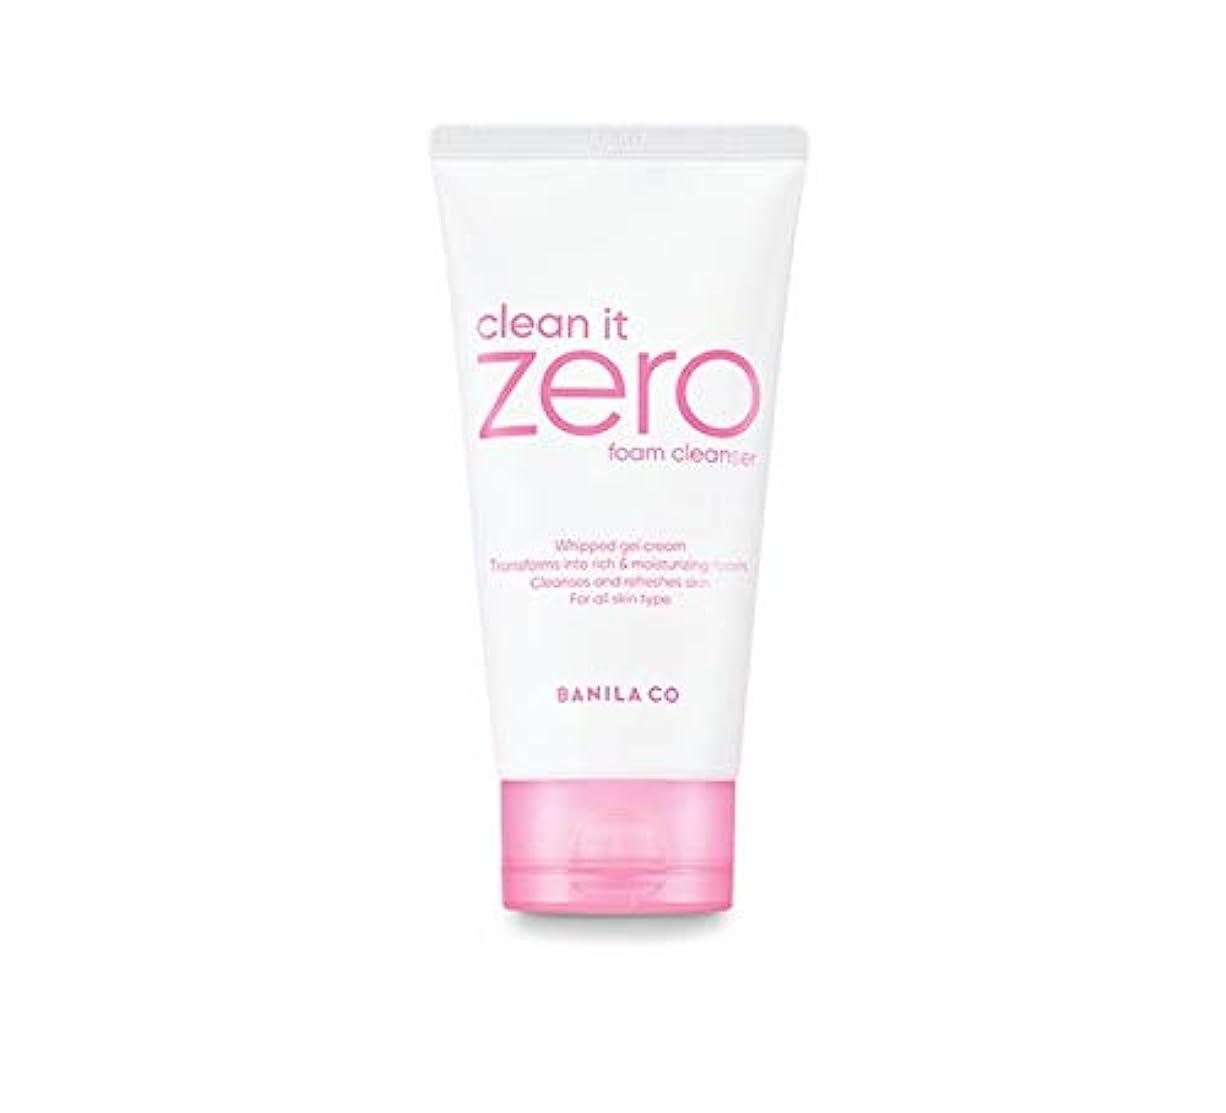 フォーク冒険油banilaco クリーンイットゼロフォームクレンザー/Clean It Zero Foam Cleanser 150ml [並行輸入品]